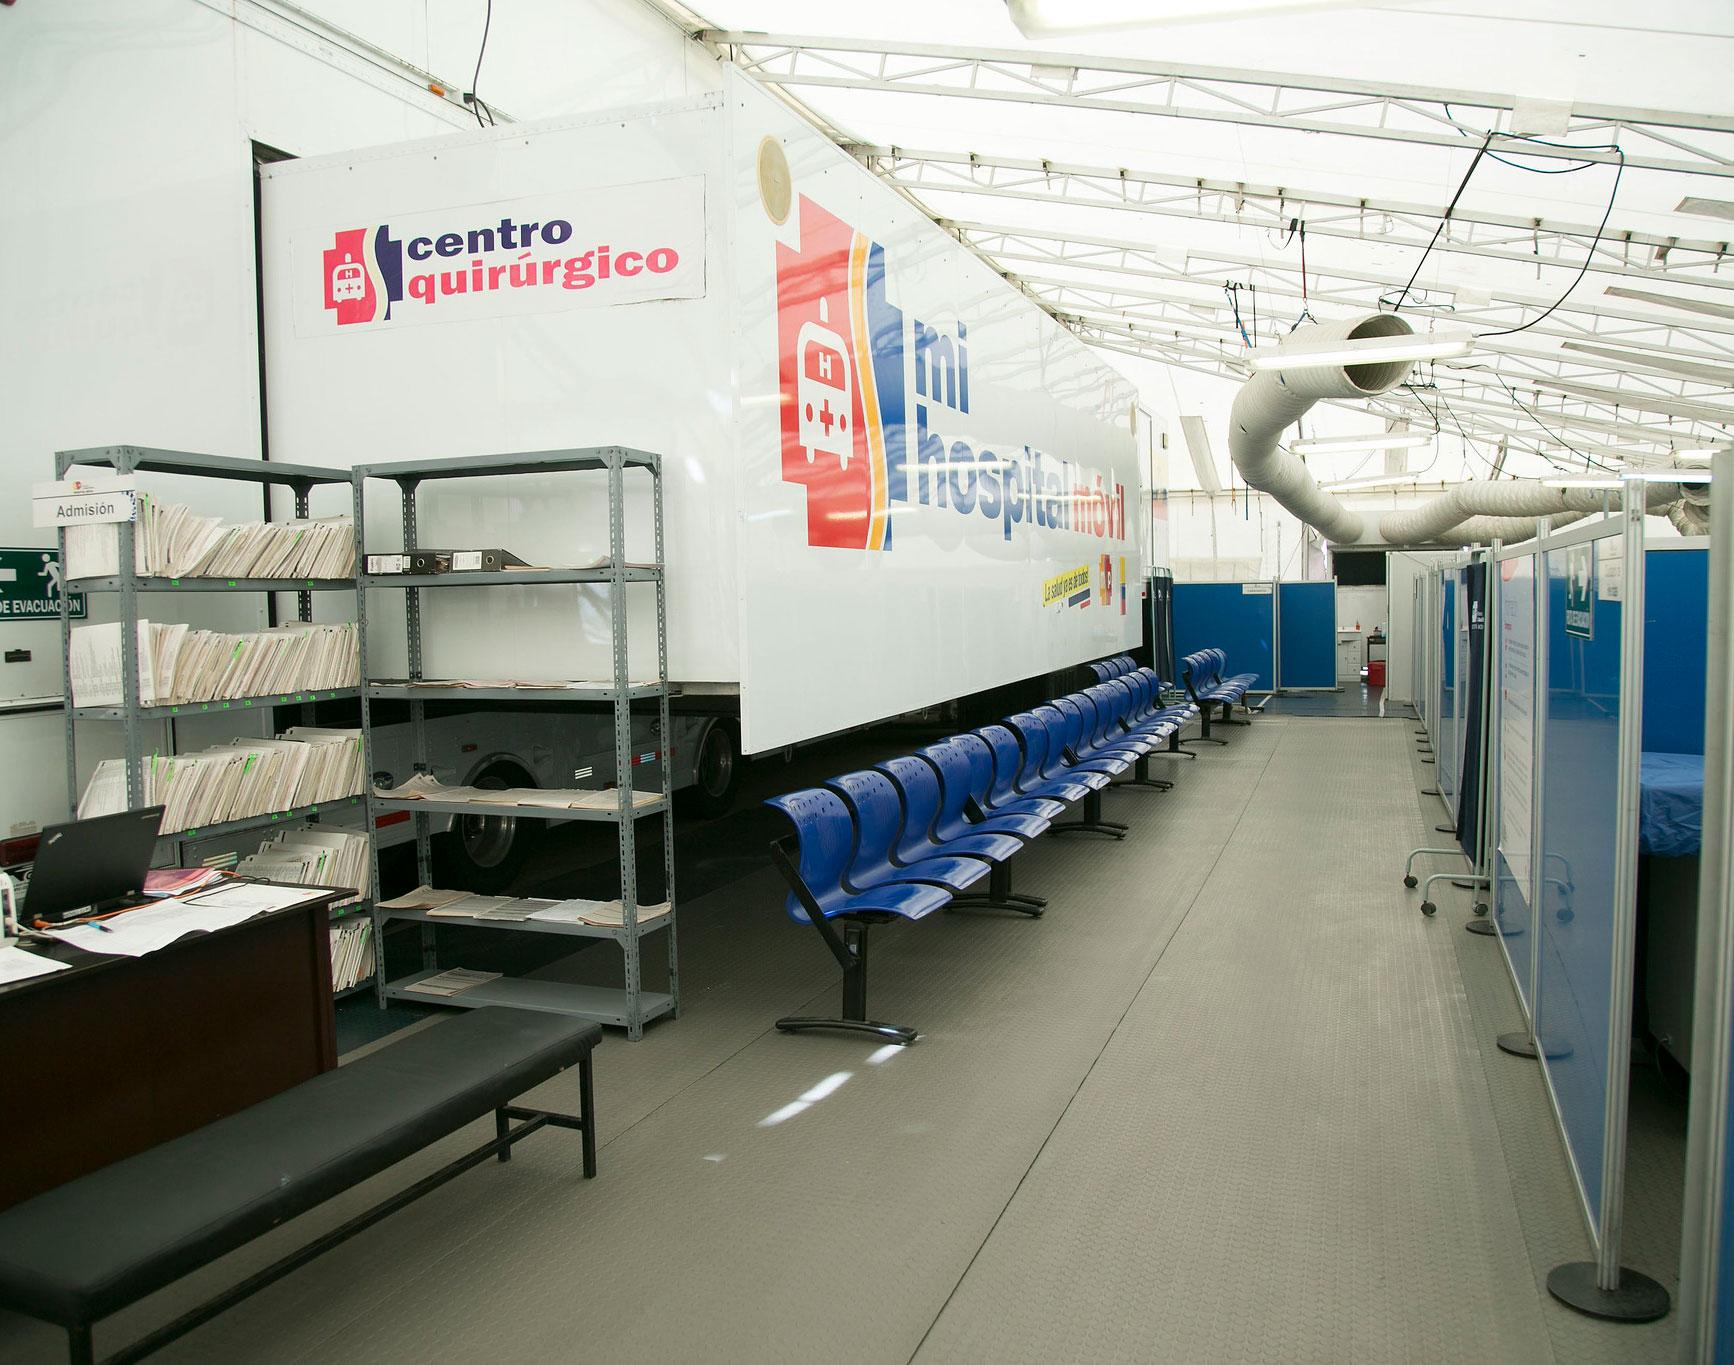 Un hospital móvil con 70 camas atiende a pacientes en Pedernales